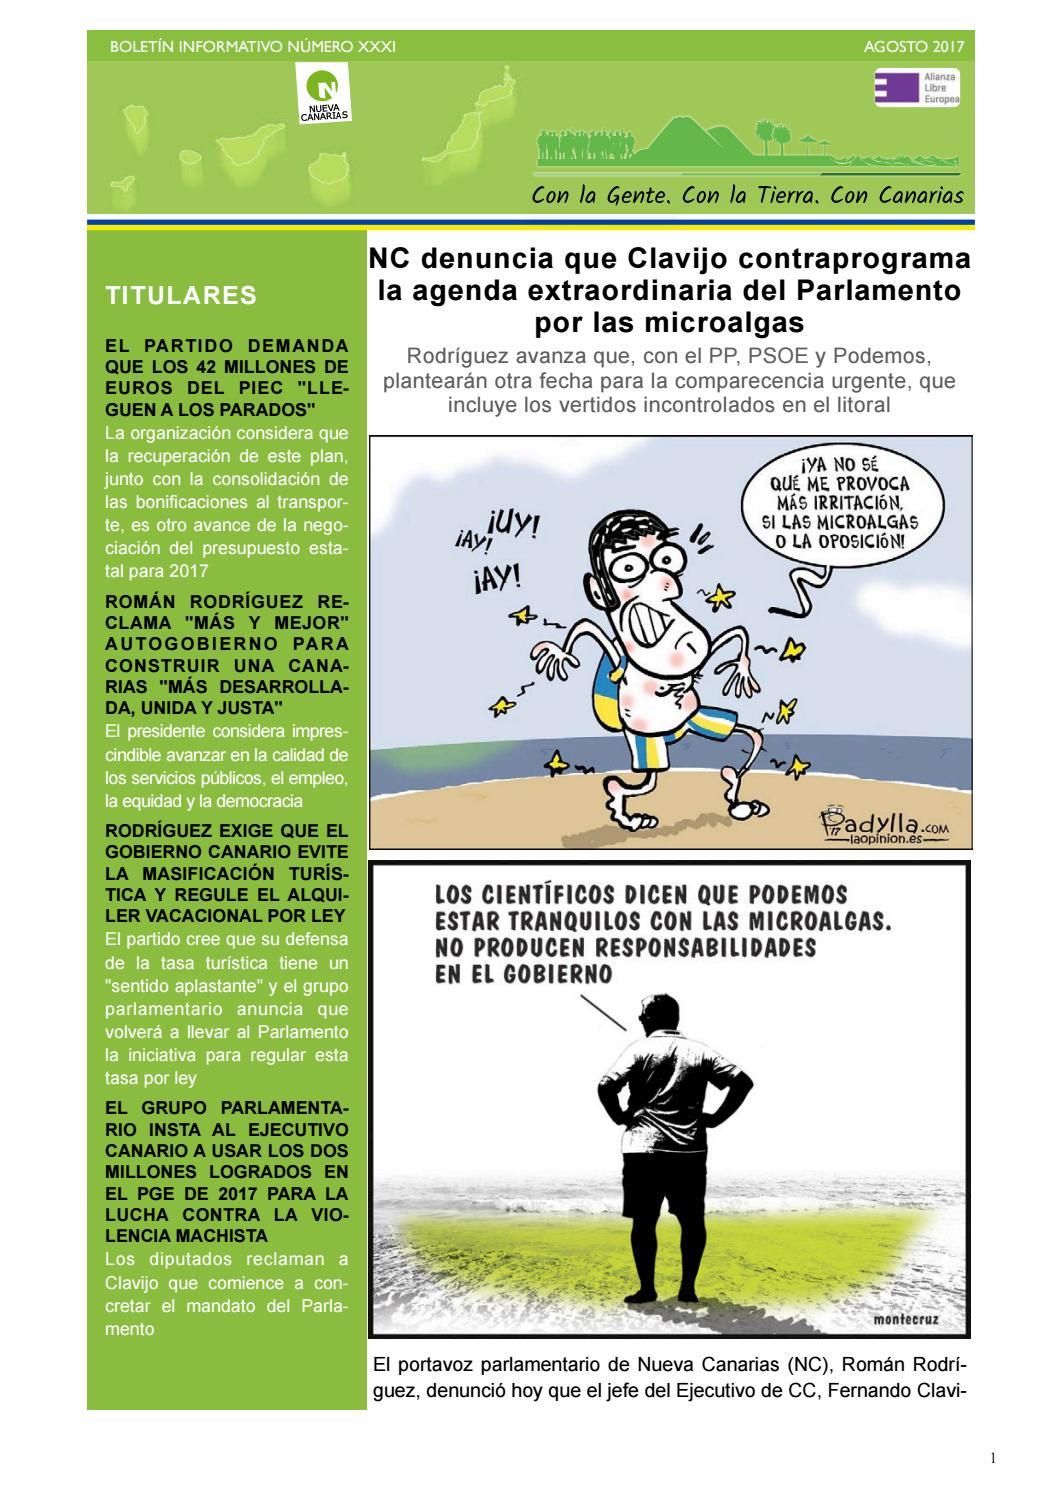 Boletín XXXI agosto 2017 by Nueva Canarias - issuu